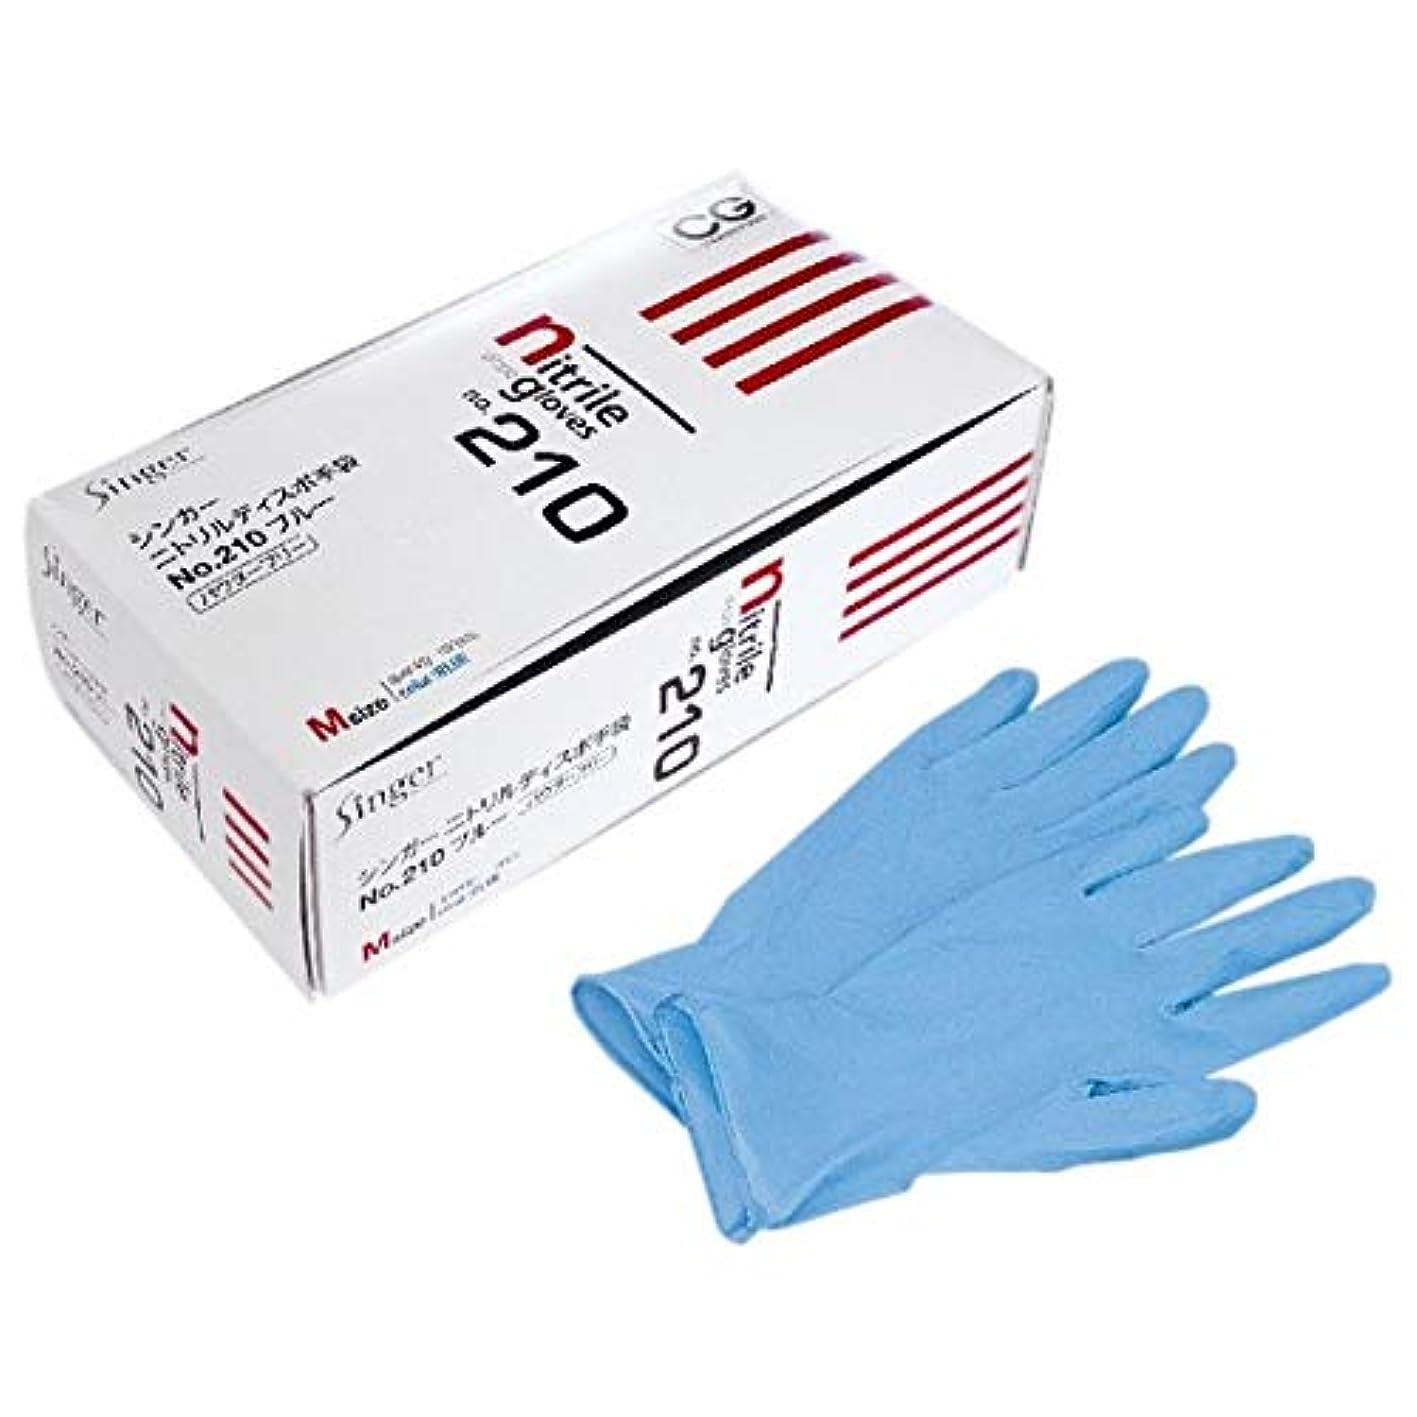 貸し手シンポジウムカルシウムシンガーニトリルディスポ手袋 No.210 青 パウダーフリー Sサイズ 100枚×20箱入